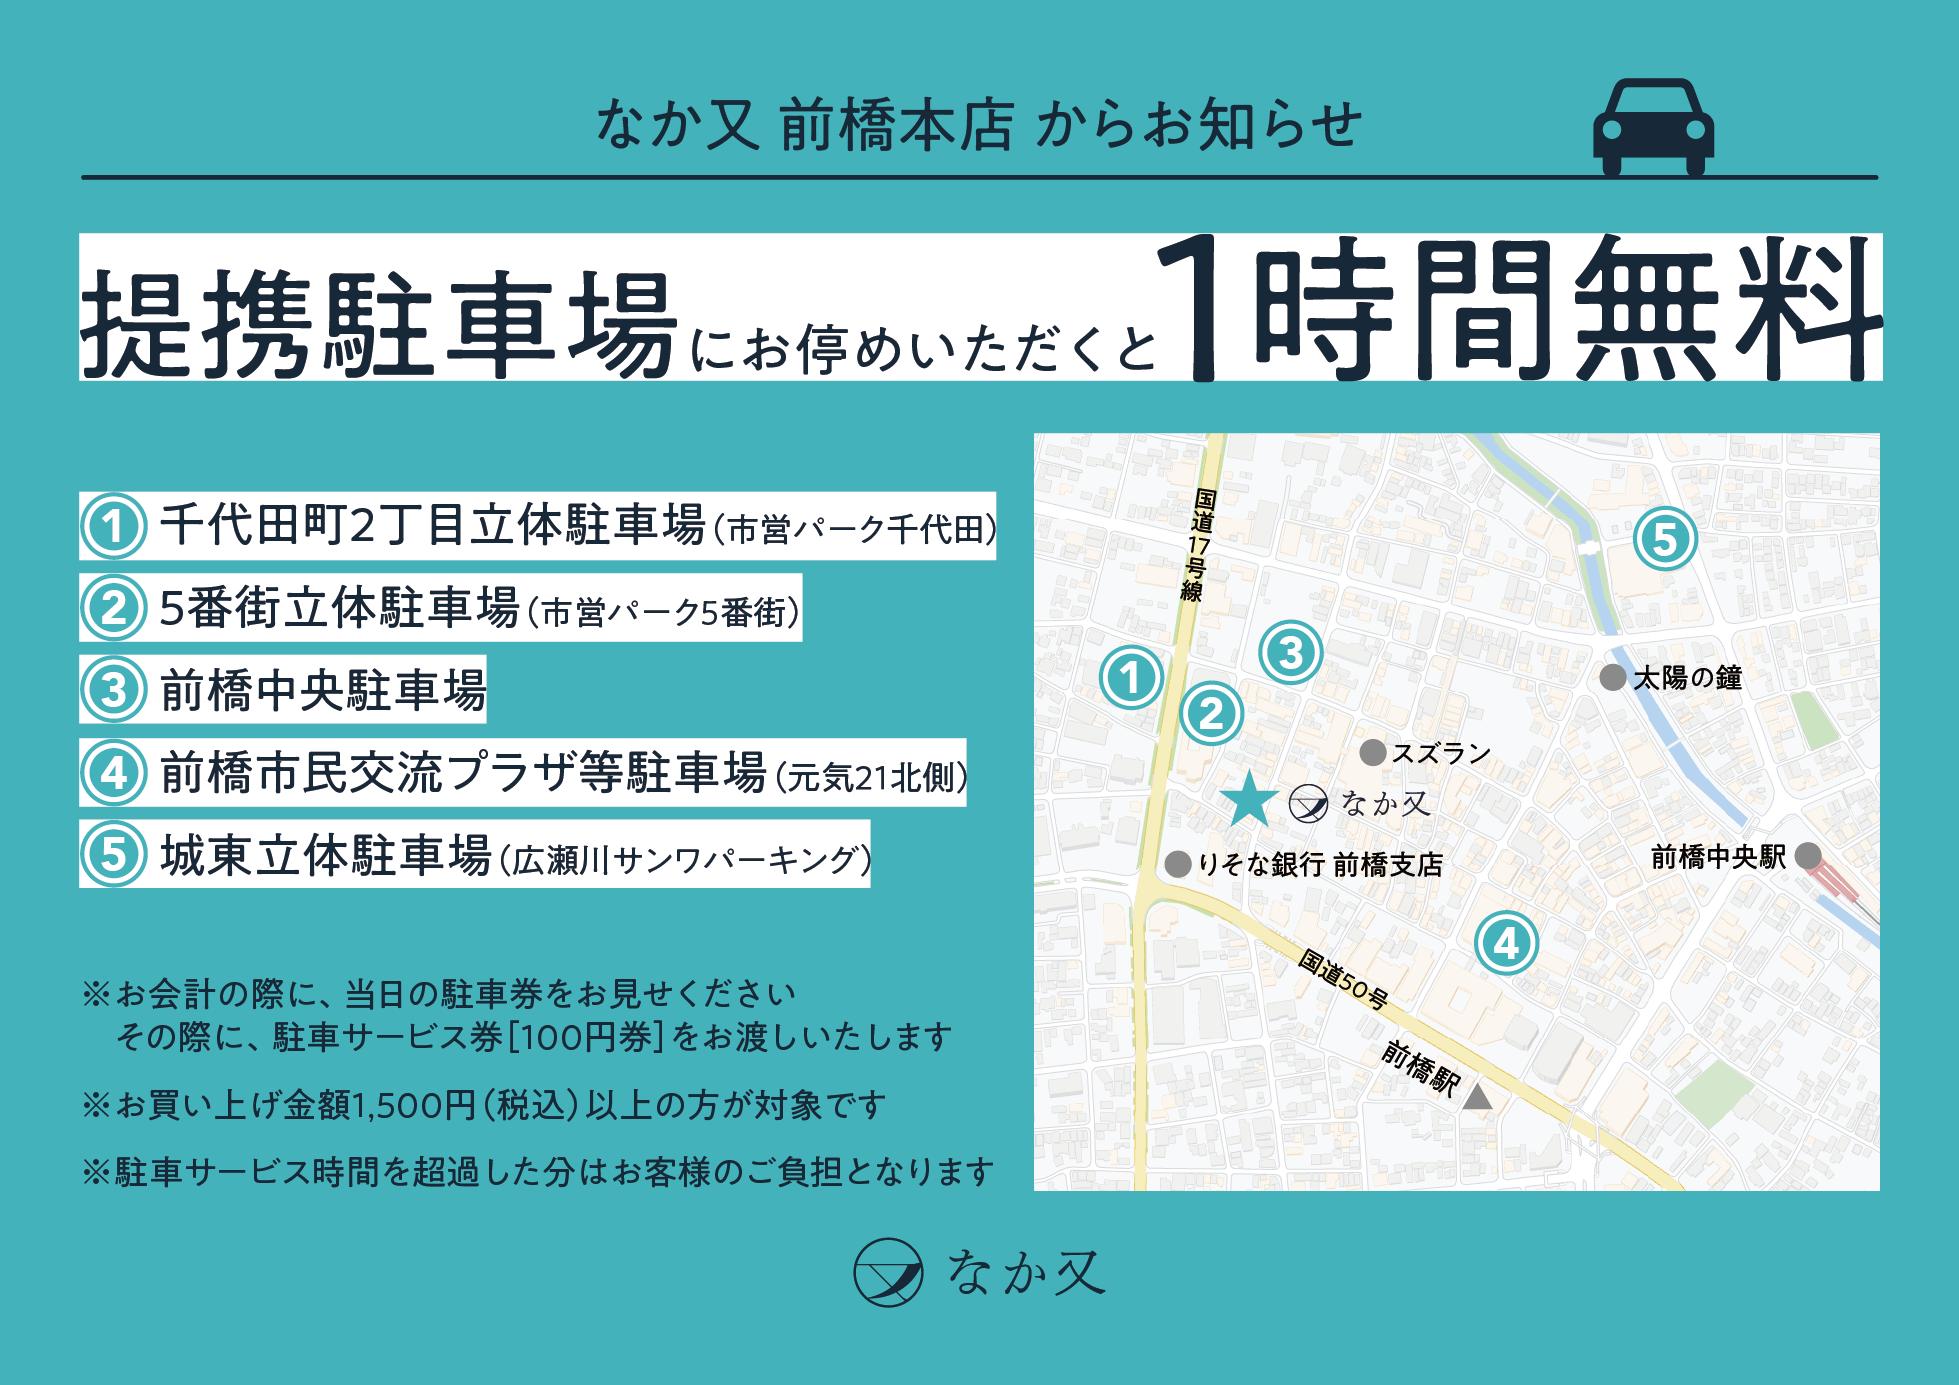 【ご案内】前橋本店の提携駐車場について【1時間無料】